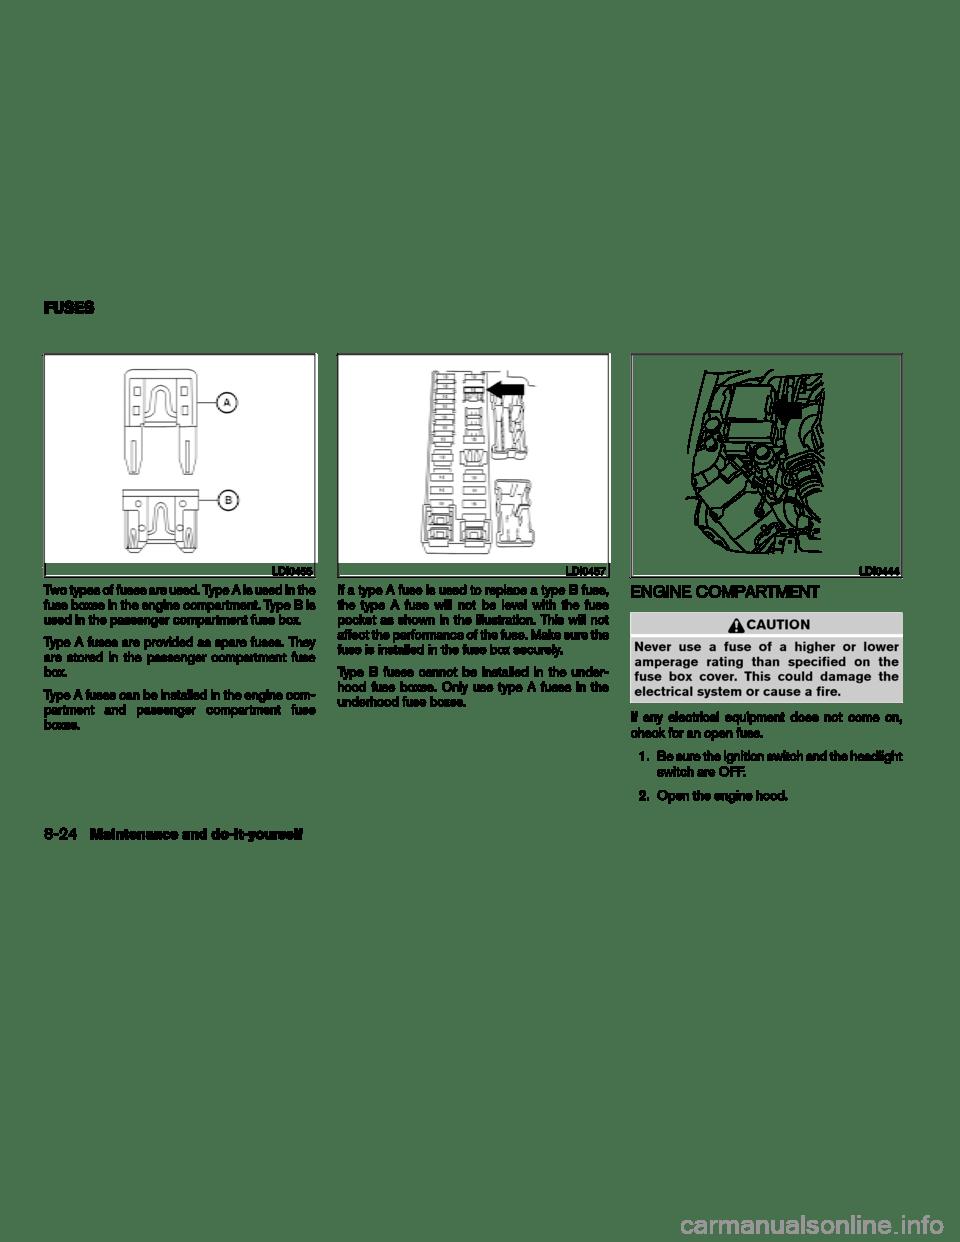 medium resolution of nissan 2007 frontier fuse box